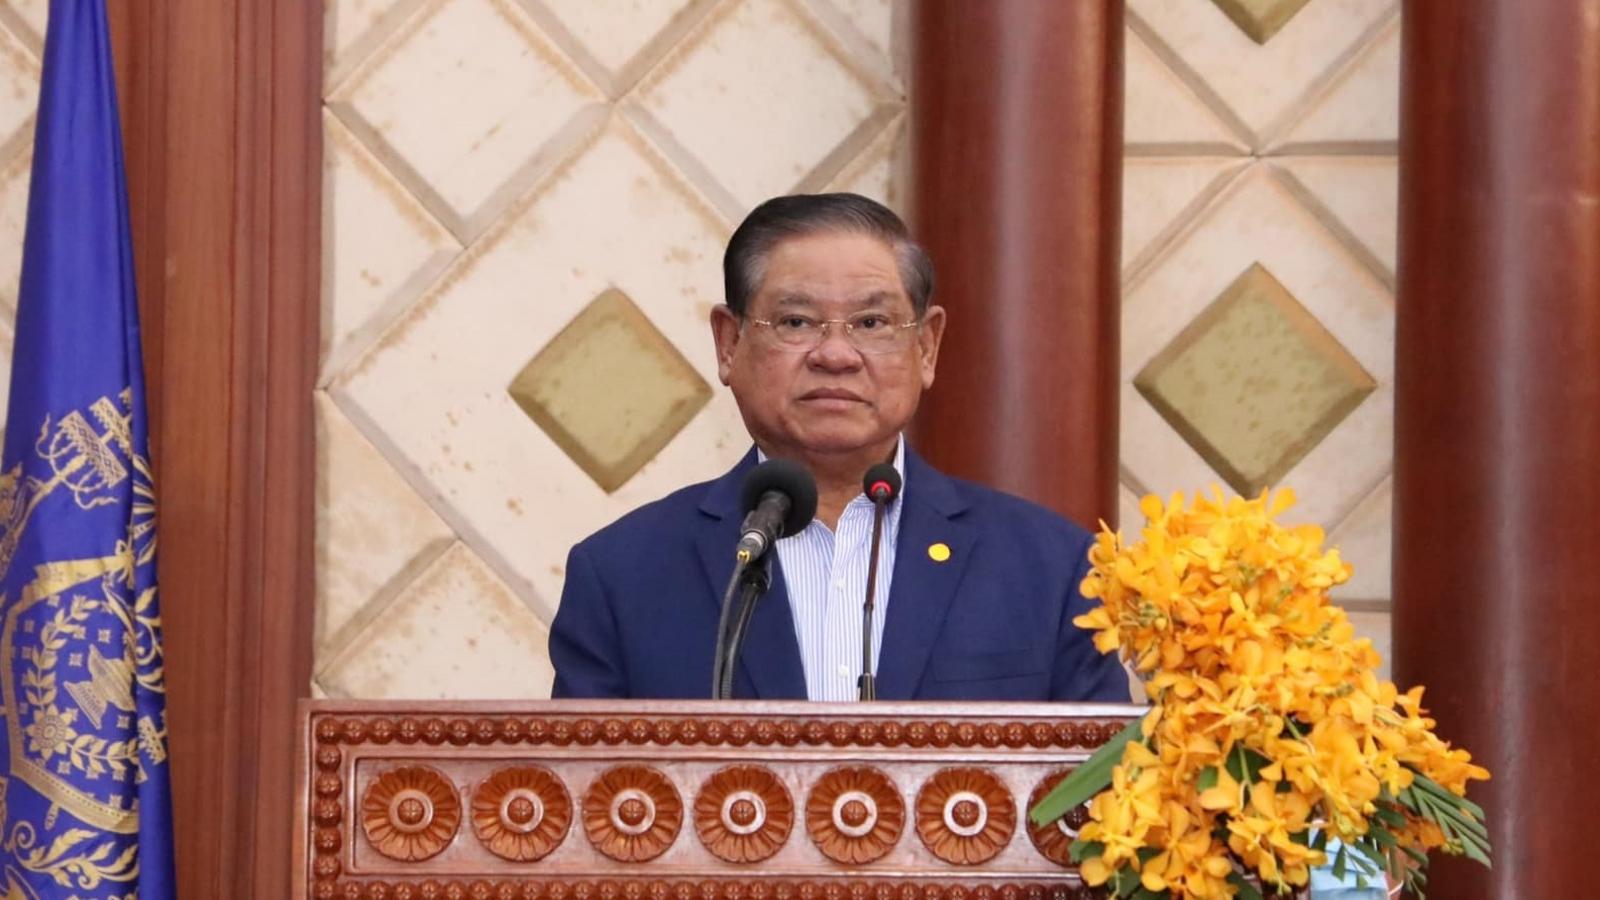 Lãnh đạo Campuchia nhắc nhở lực lượng chức năng không xử lý công việc bằng bạo lực